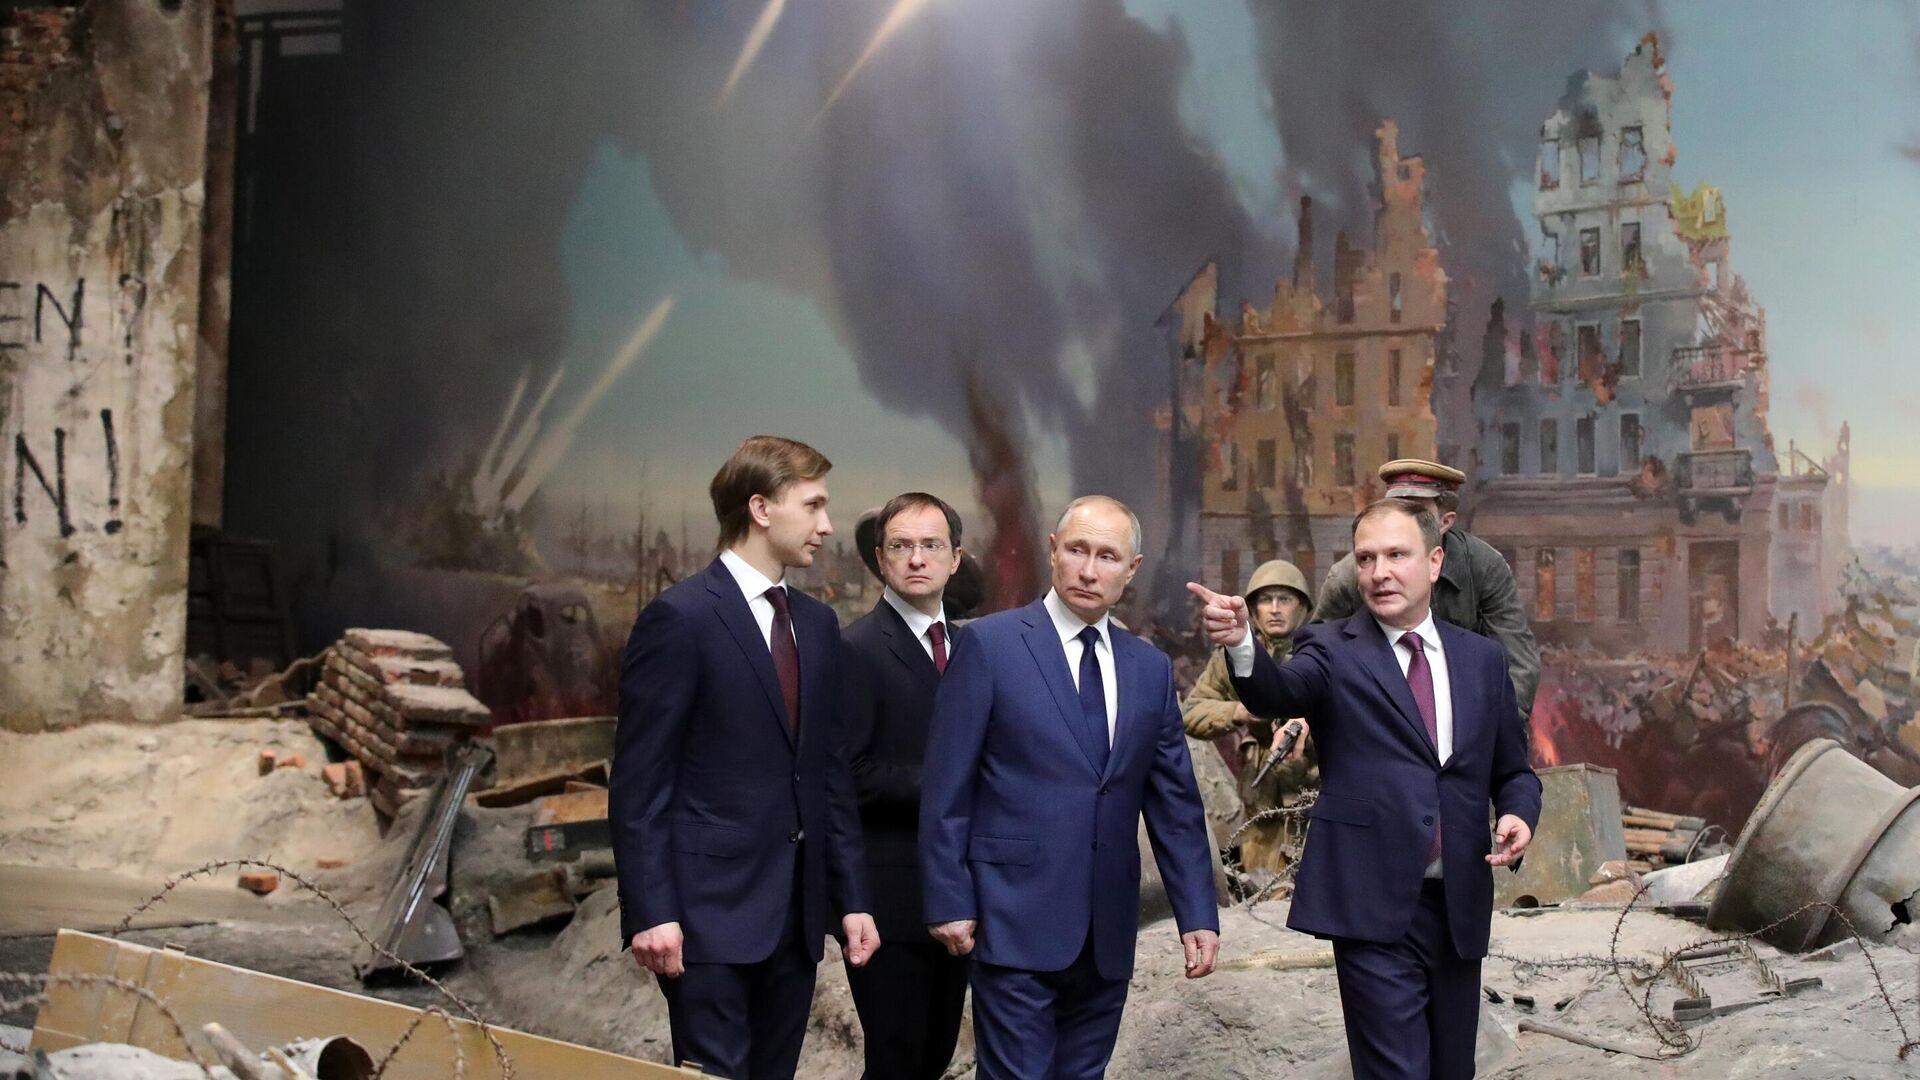 Президент РФ В. Путин посетил Музей Победы на Поклонной горе - РИА Новости, 1920, 31.01.2021